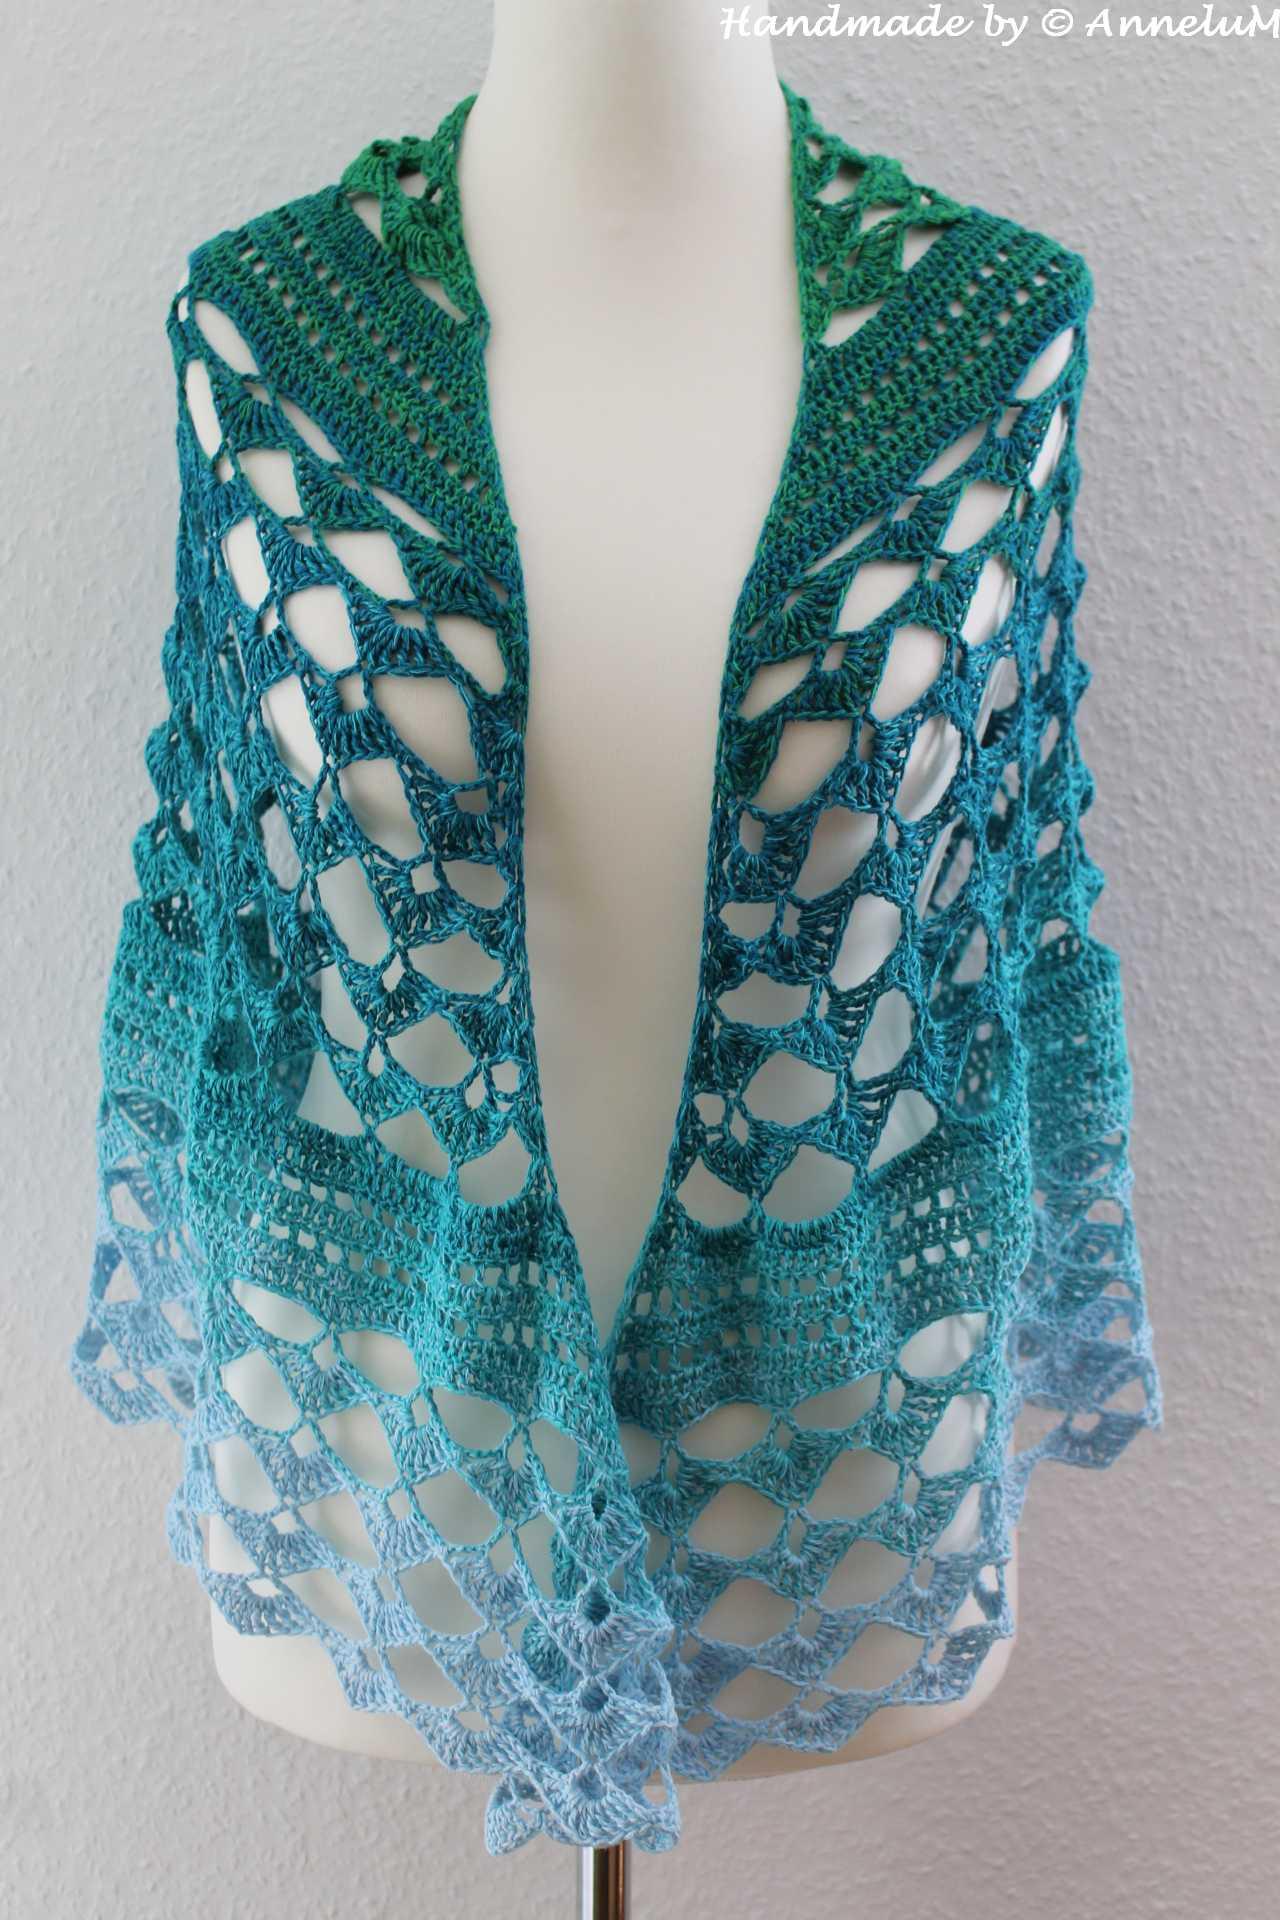 Summer Night Schal mit Farbverlaufswolle hellblau zu grün verlaufend.